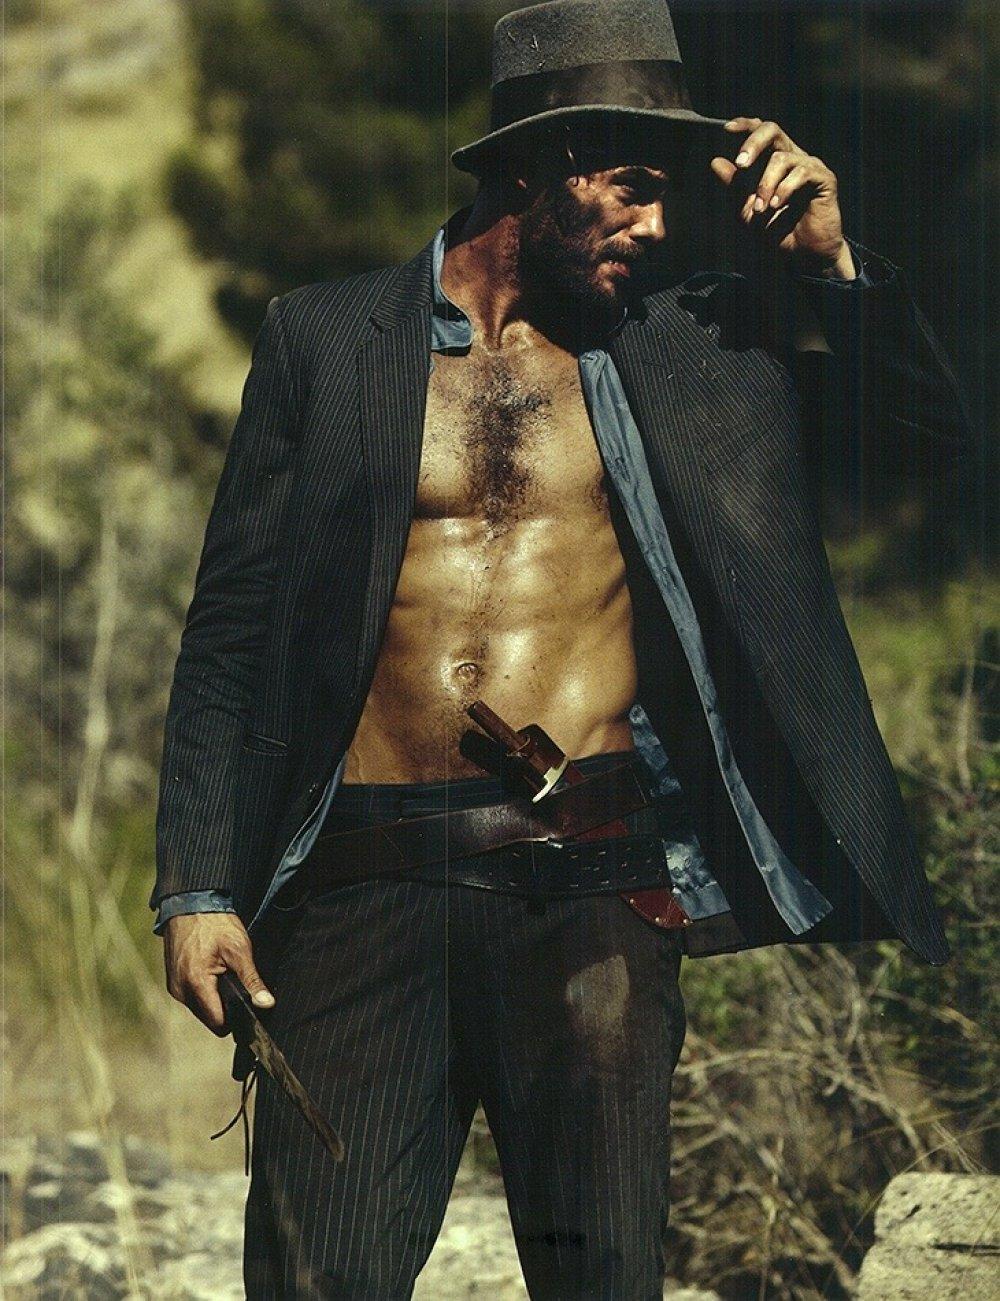 My naked cowboy